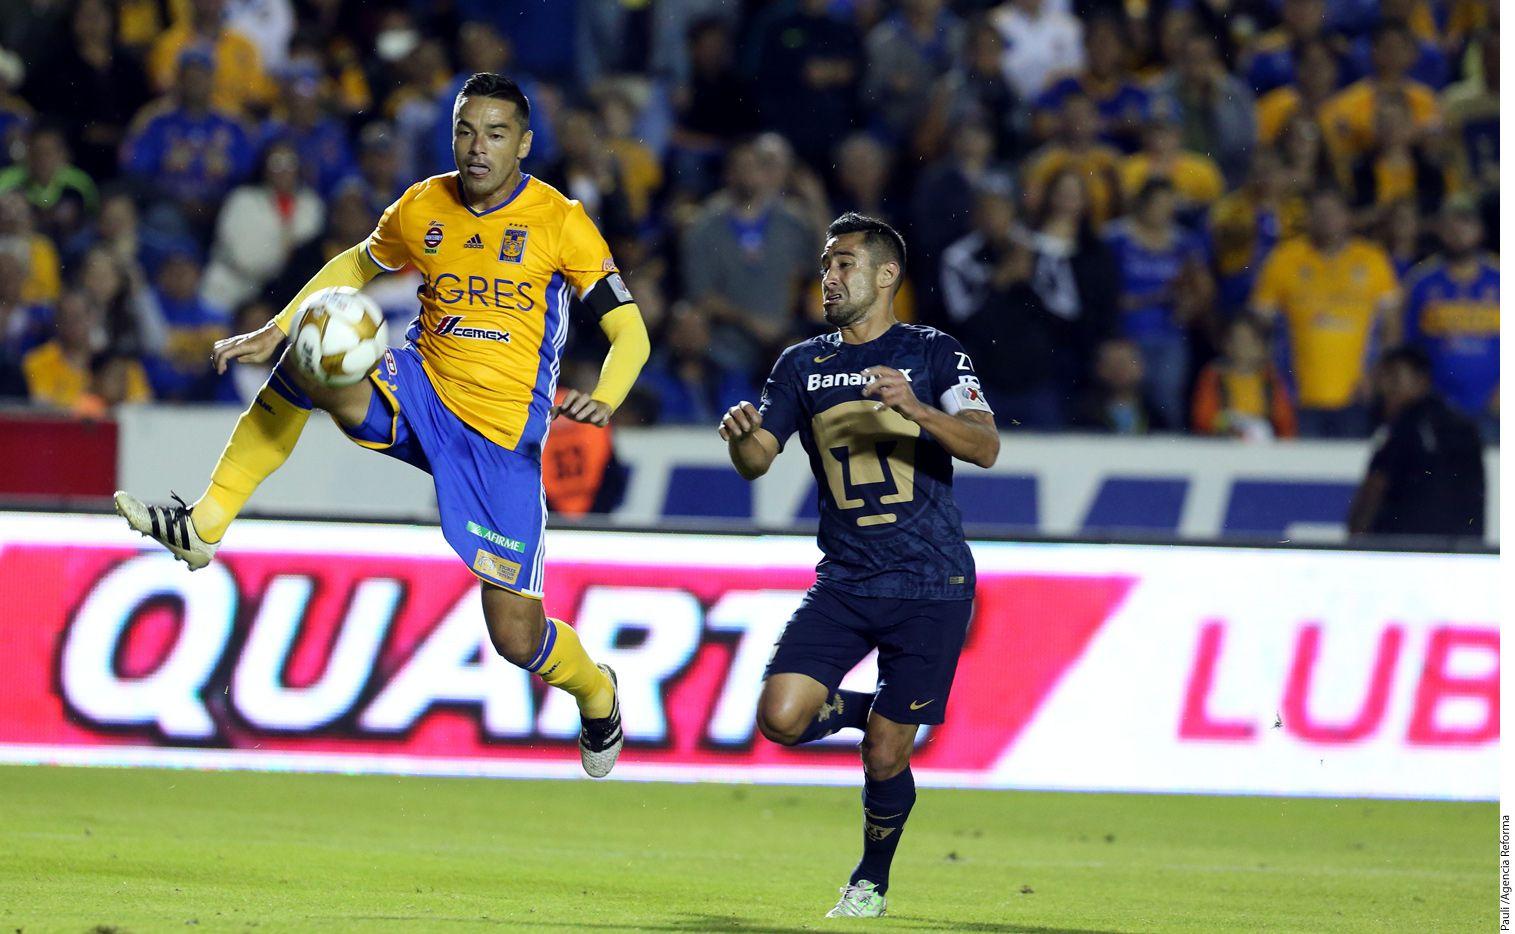 Tigres venció con un marcador total de 7-0 a los Pumas en la semifinales de la Liguilla mexicana. AGENCIA REFORMA